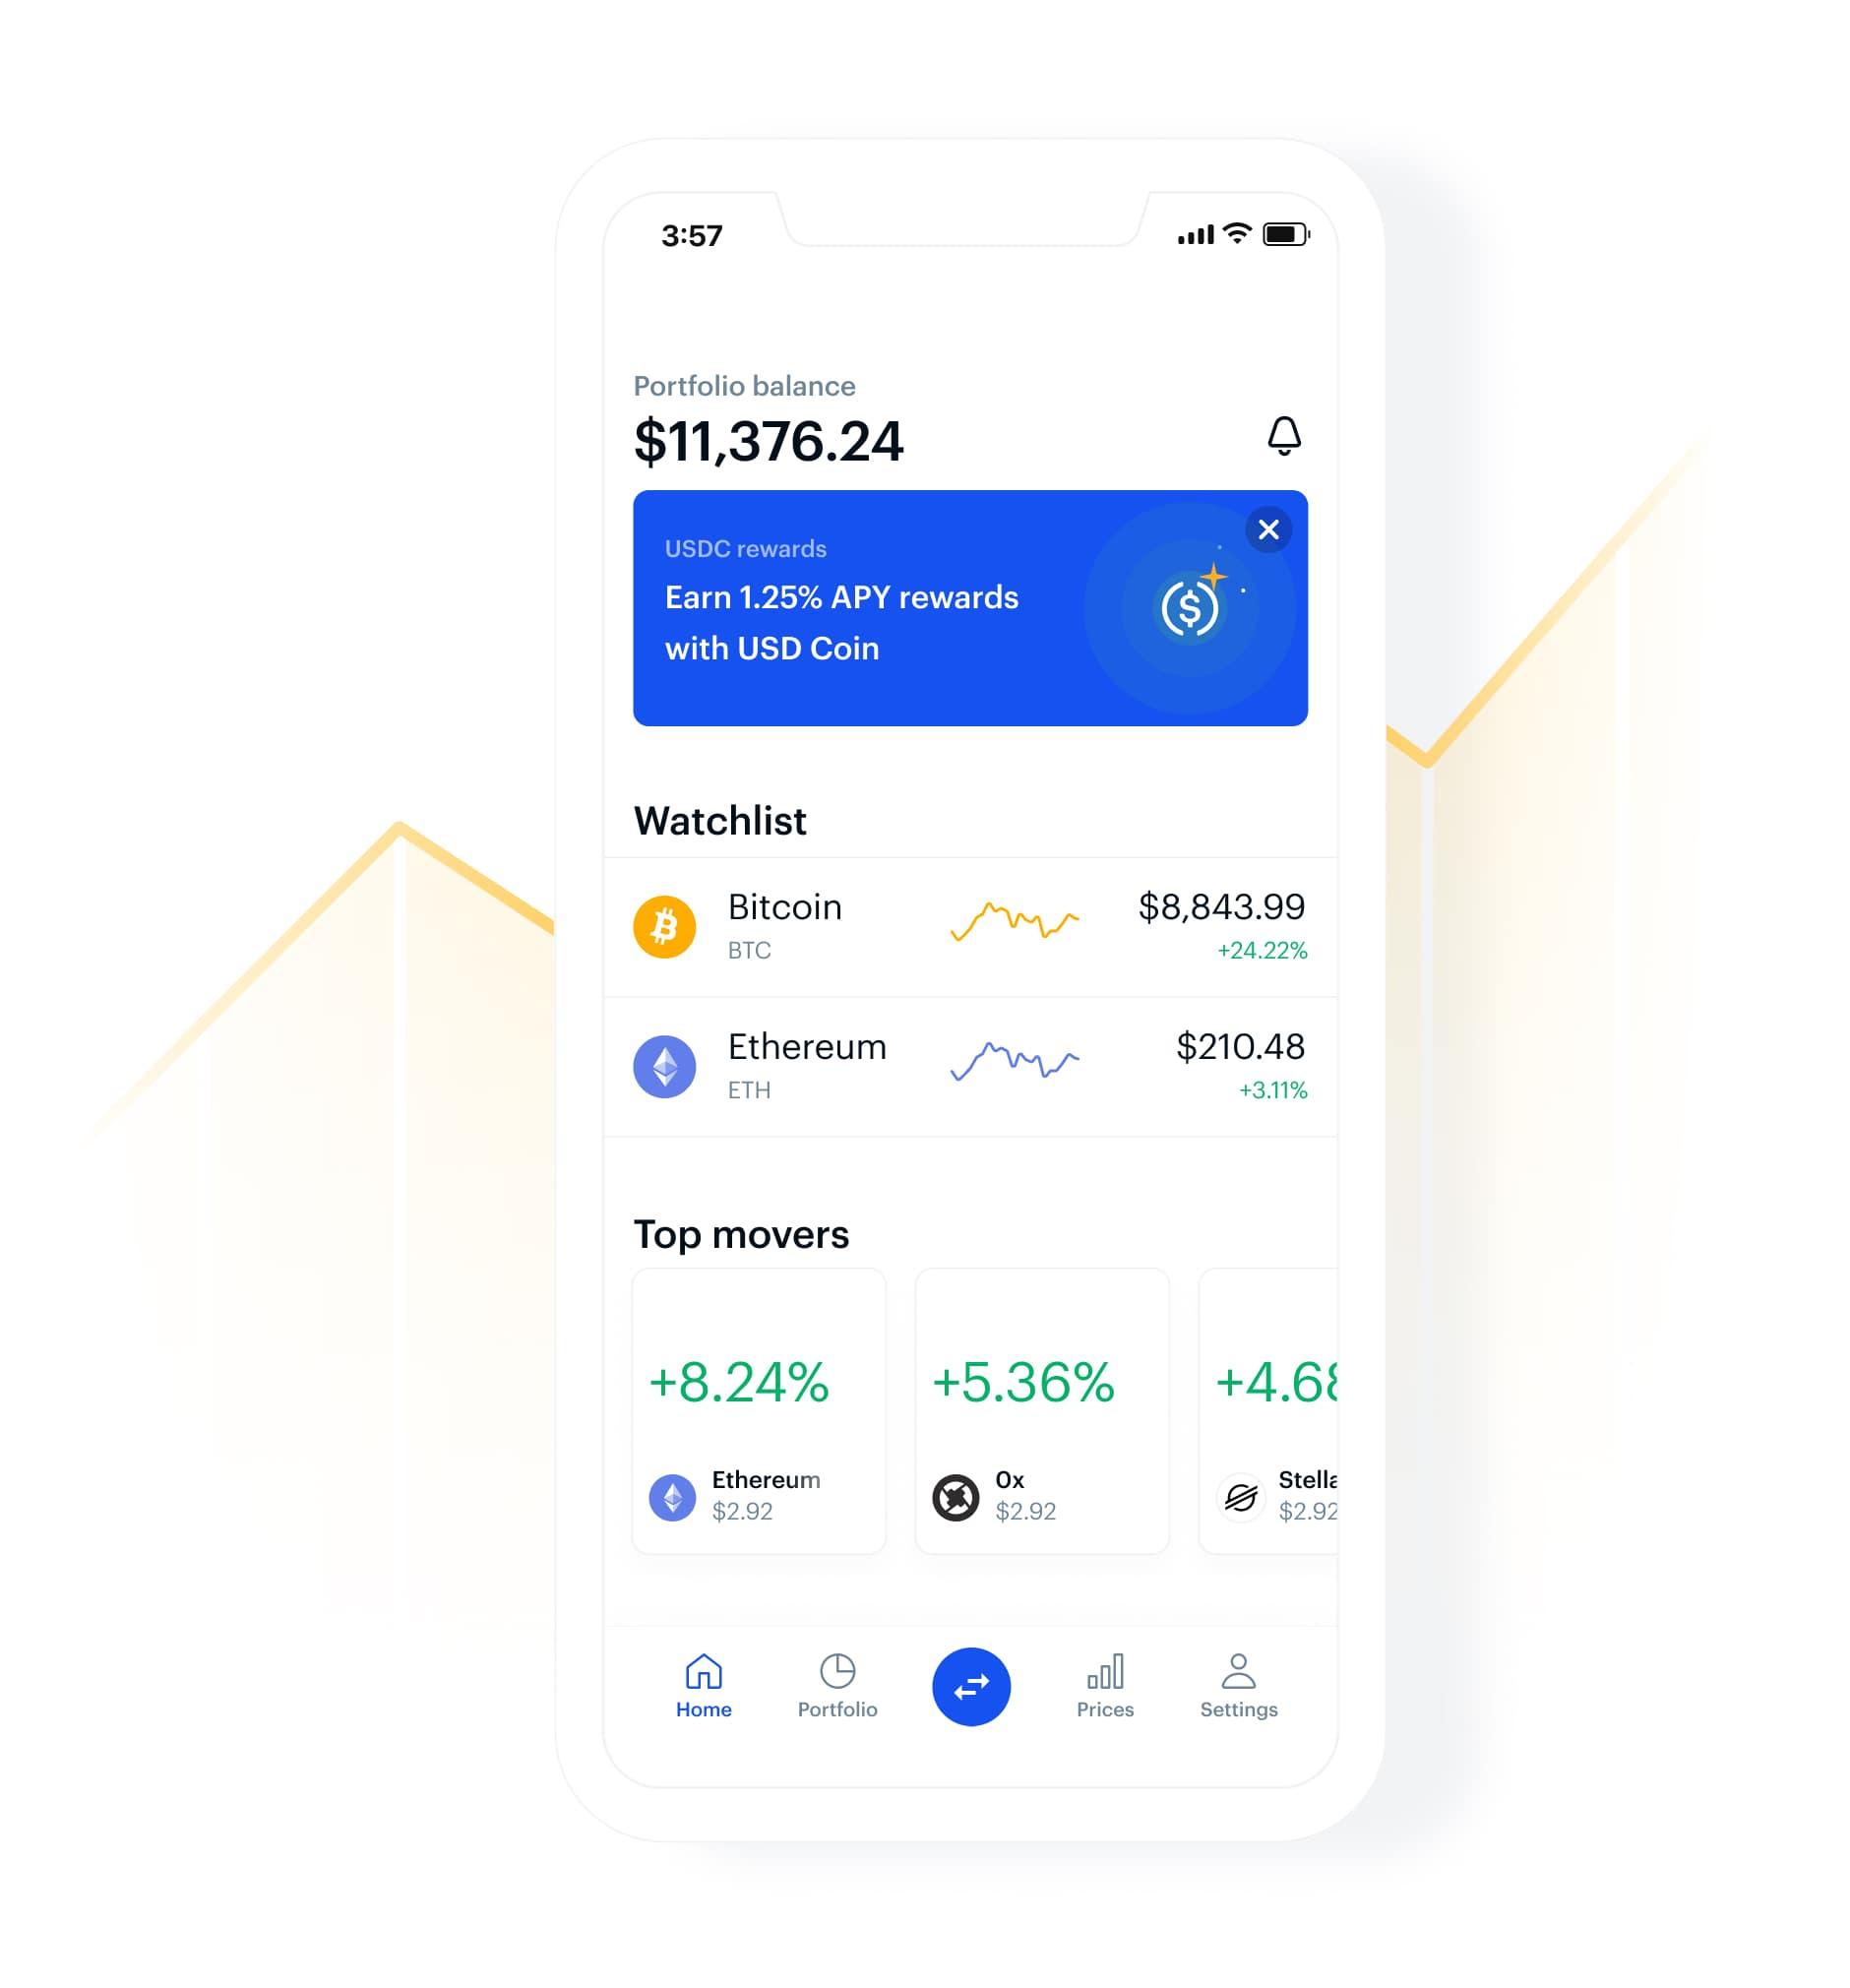 commercio bitcoin a ethereum coinbase)